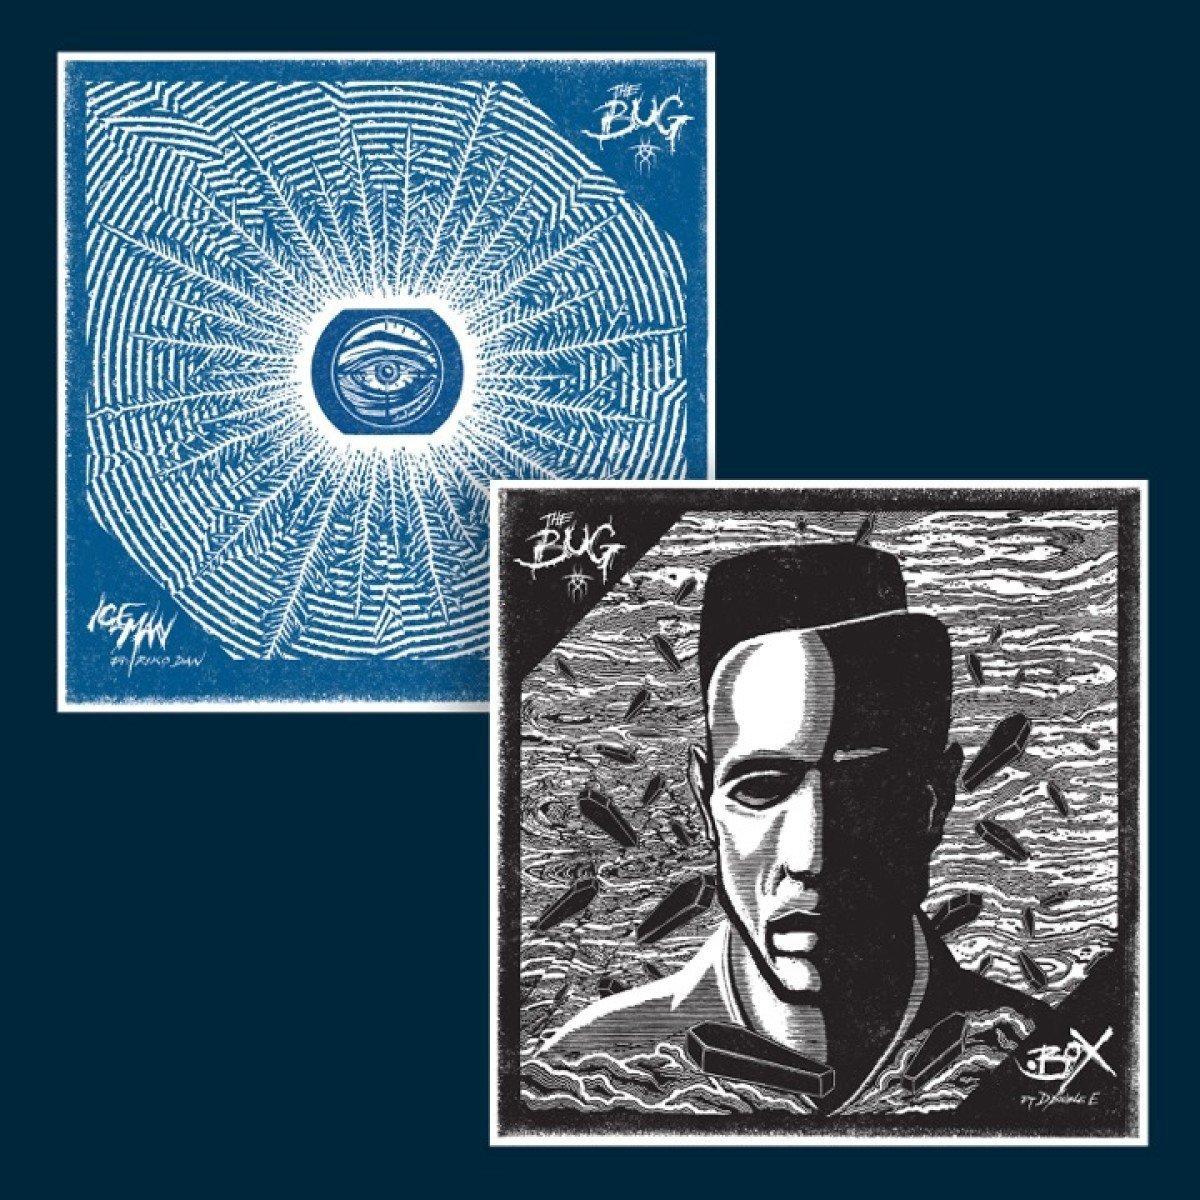 BUG - BOX / ICEMAN (DLCD)